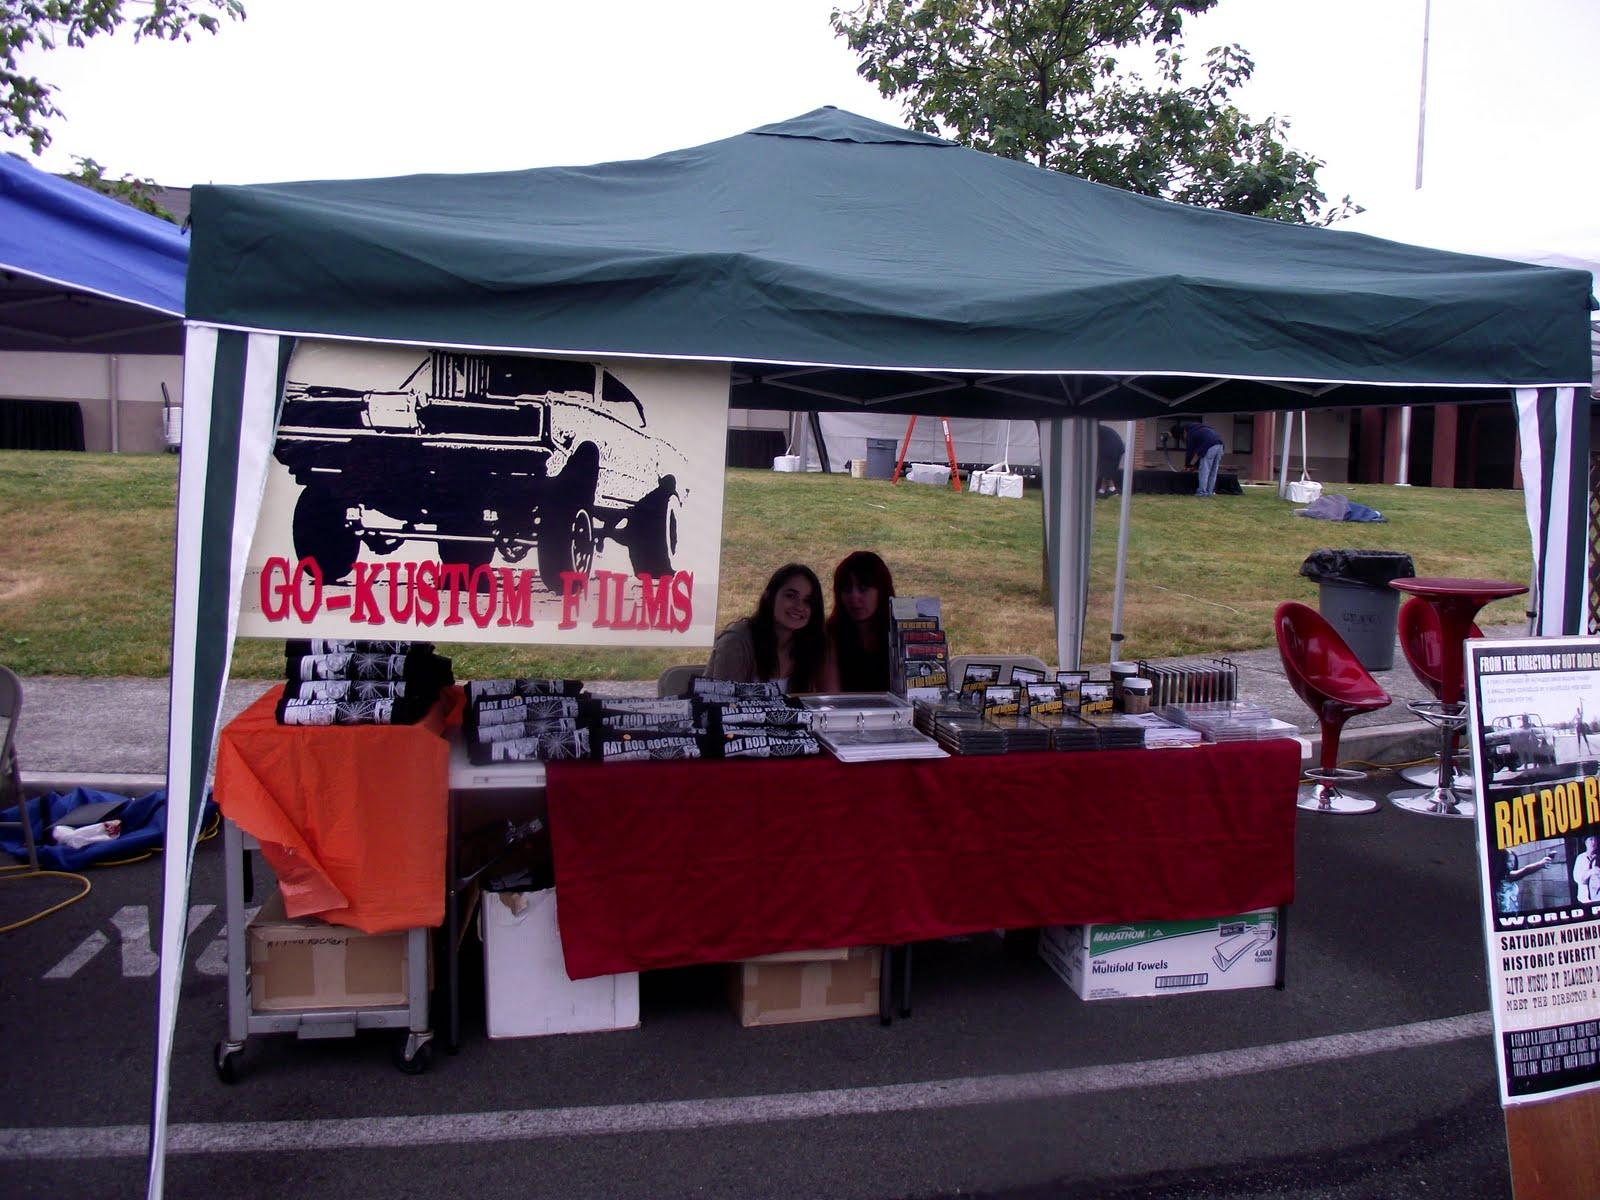 GoKustom Shoreline Classic Car Show - Car show booth